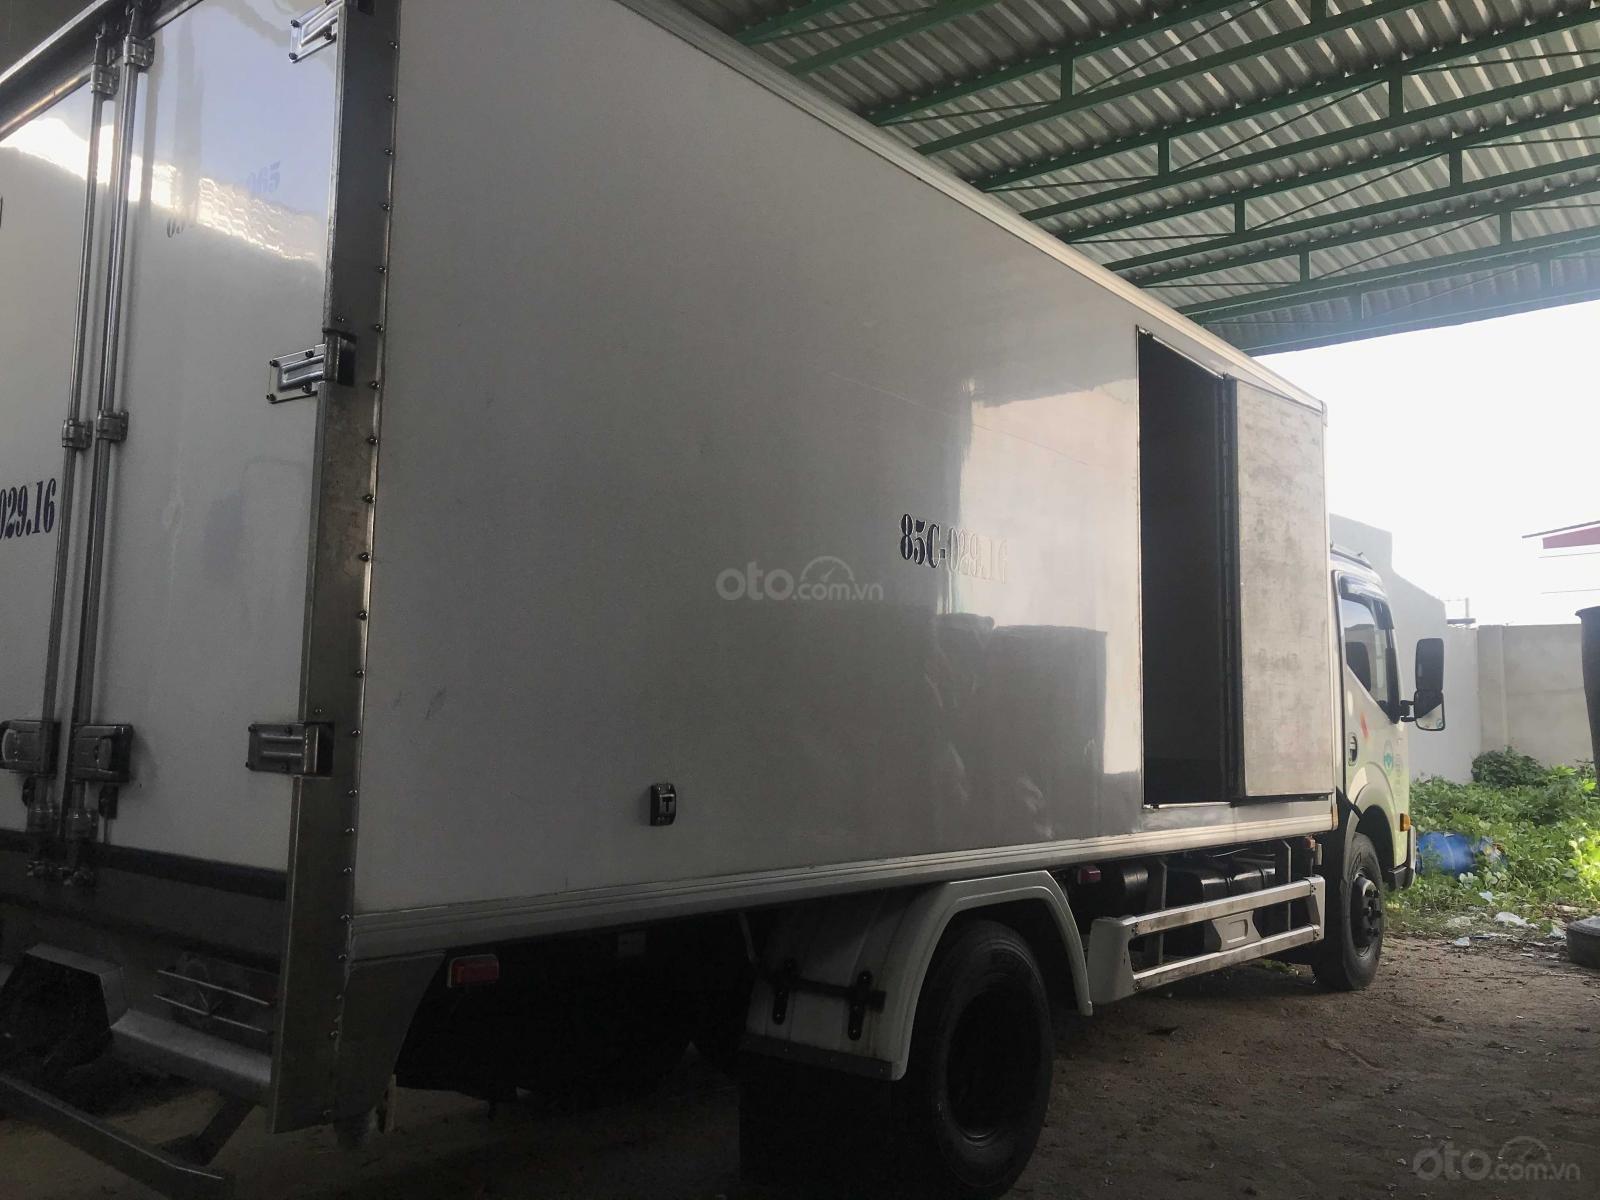 Bán gấp xe tải Veam 2015 VT651 6.4 tấn thùng kính, động cơ Nissan (2)